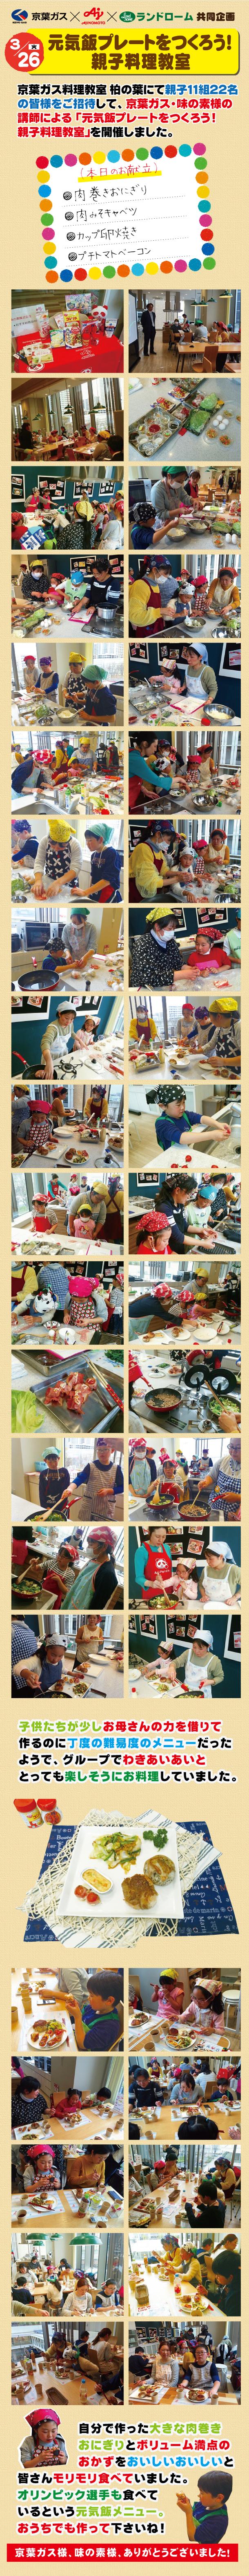 0326京葉ガス・味の素タイアップ料理教室